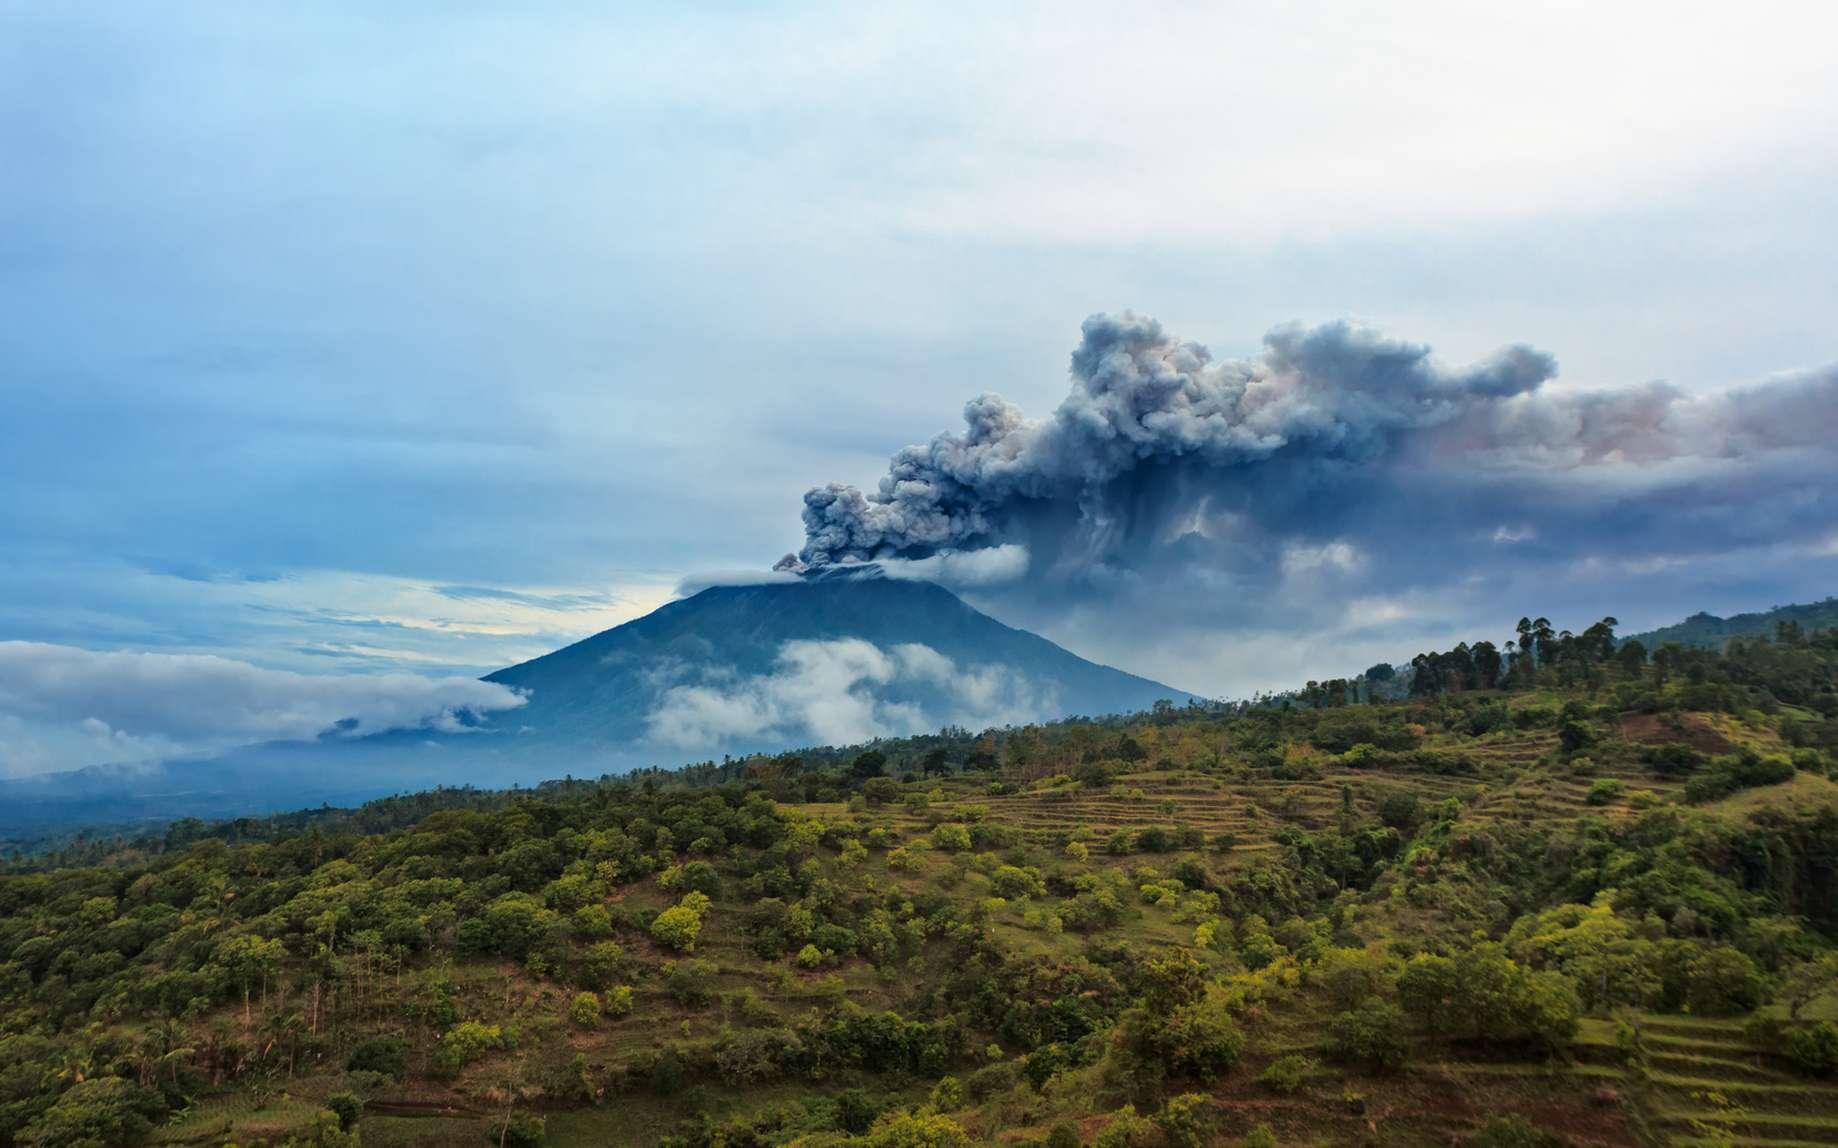 Six volcans menaçants sont à surveiller en 2018. Ici, le mont Agung en éruption (Bali, Indonésie). Ce volcan a beaucoup fait parler de lui en 2017. © Tropical studio, Fotolia